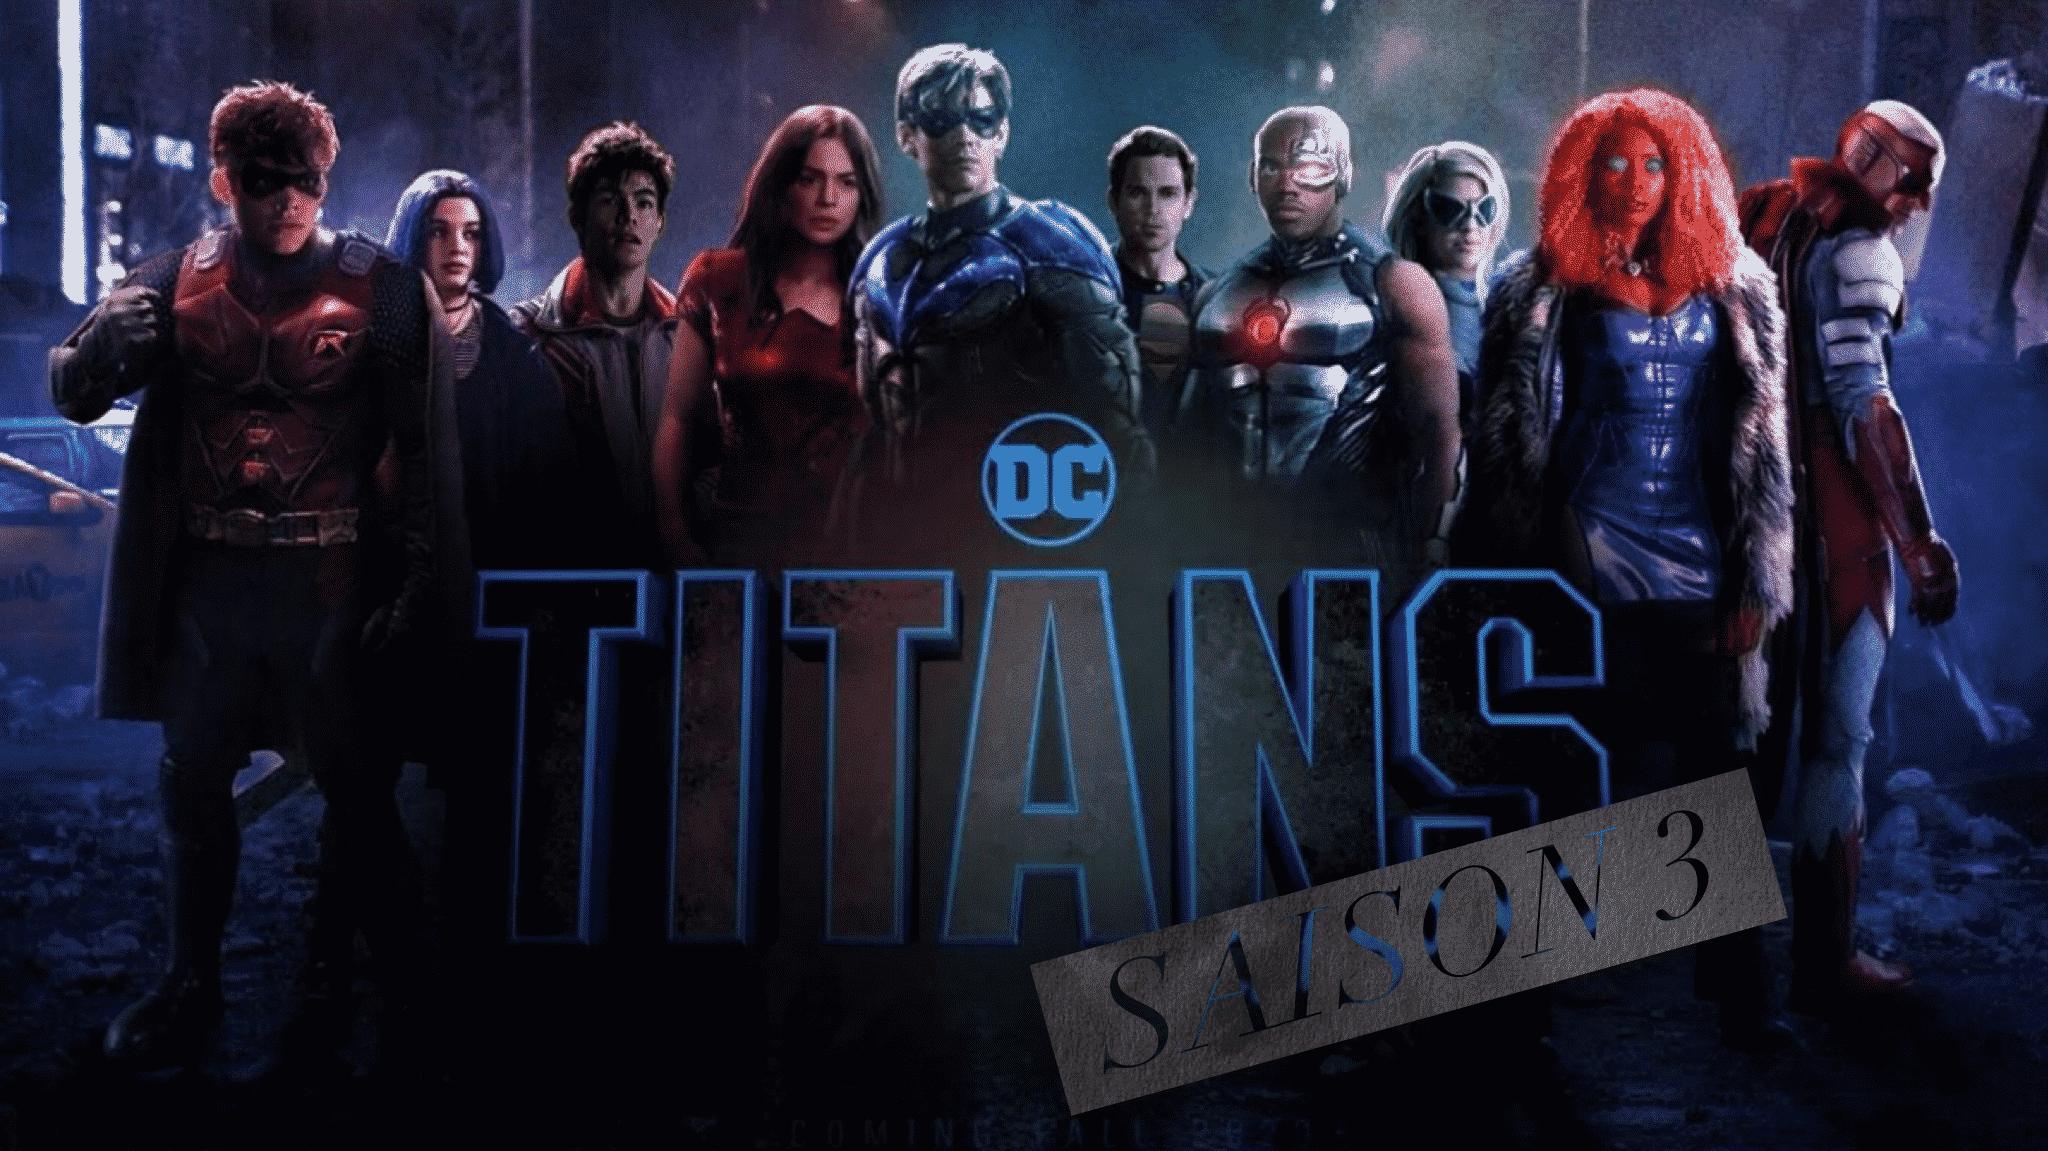 La saison 3 des Titans est annoncée, HBO Max diffusera le populaire DC Universe Show 1